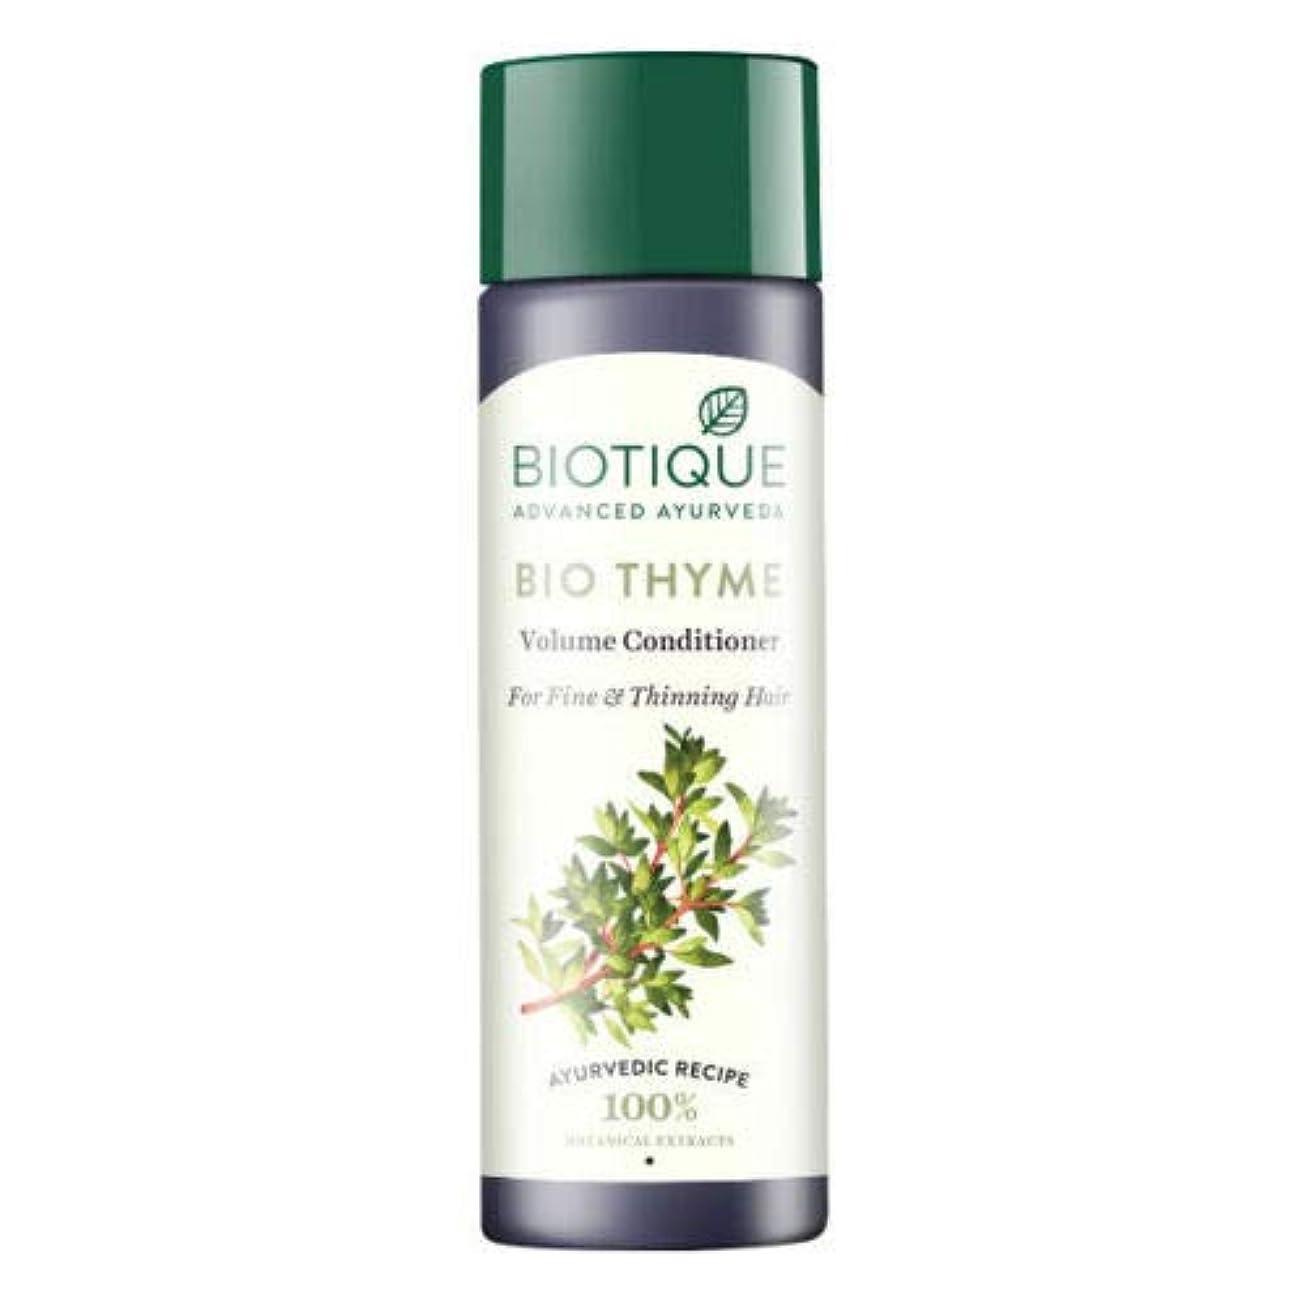 シアー報復モンクBiotique Bio Thyme Fresh Sparkle Volume Conditioner 200 ml For Thinning Hair 薄くなる毛のためのBiotiqueバイオタイムの新しい輝きの量のコンディショナー